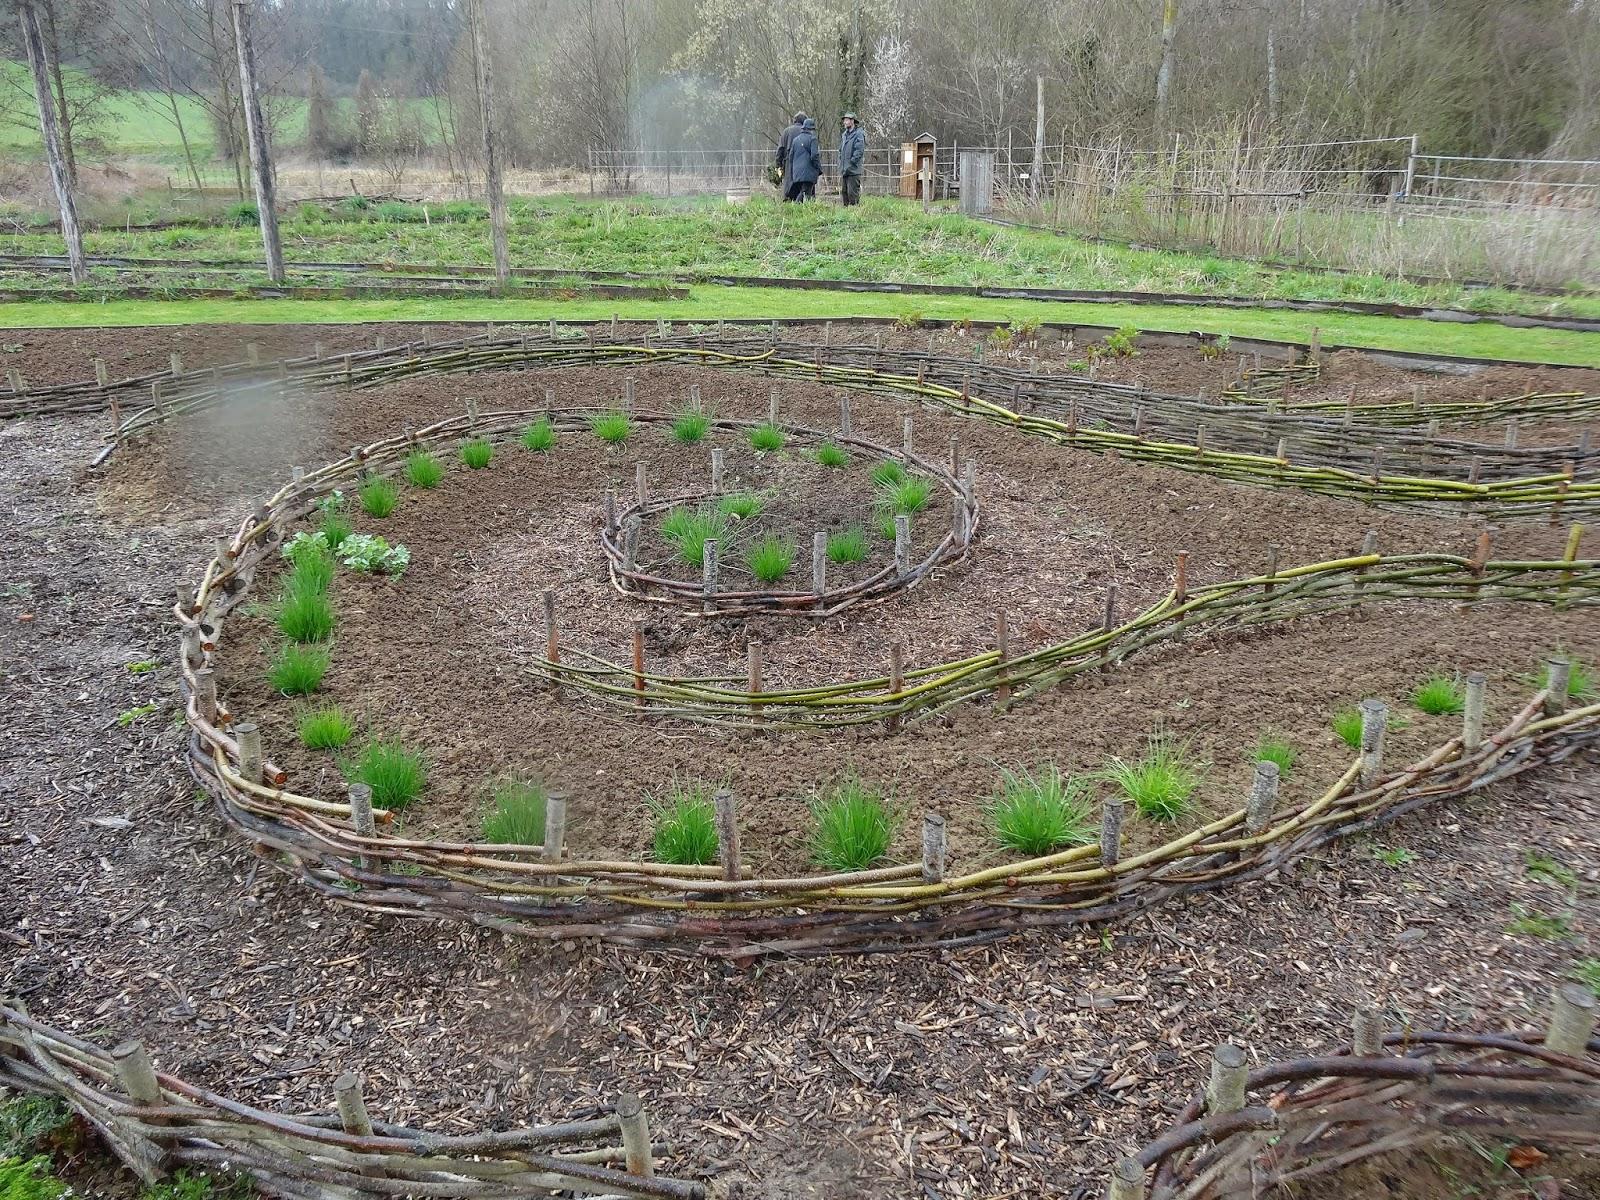 Le blog de parcs et jardins de l 39 oise sortie du 25 mars le potager du domaine d 39 ansacq - Plan jardin potager sureleve ...